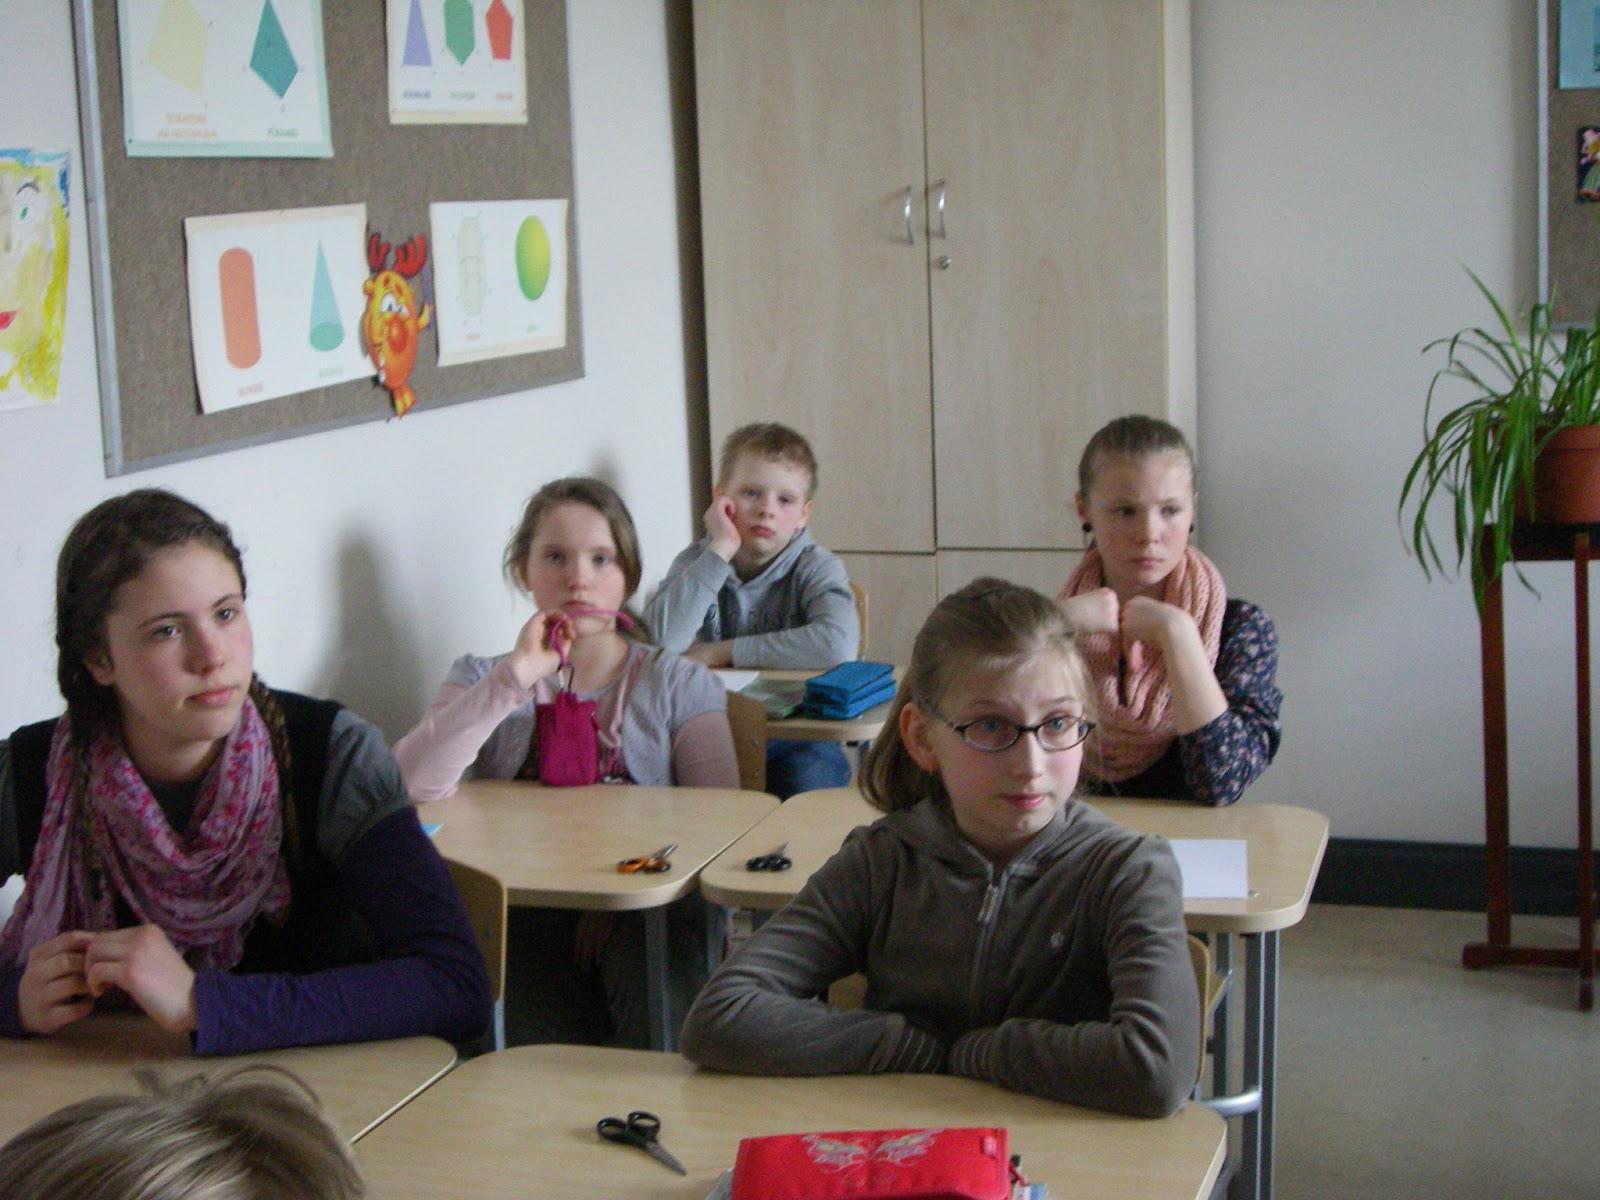 Учительница дала ученику после уроков 10 фотография